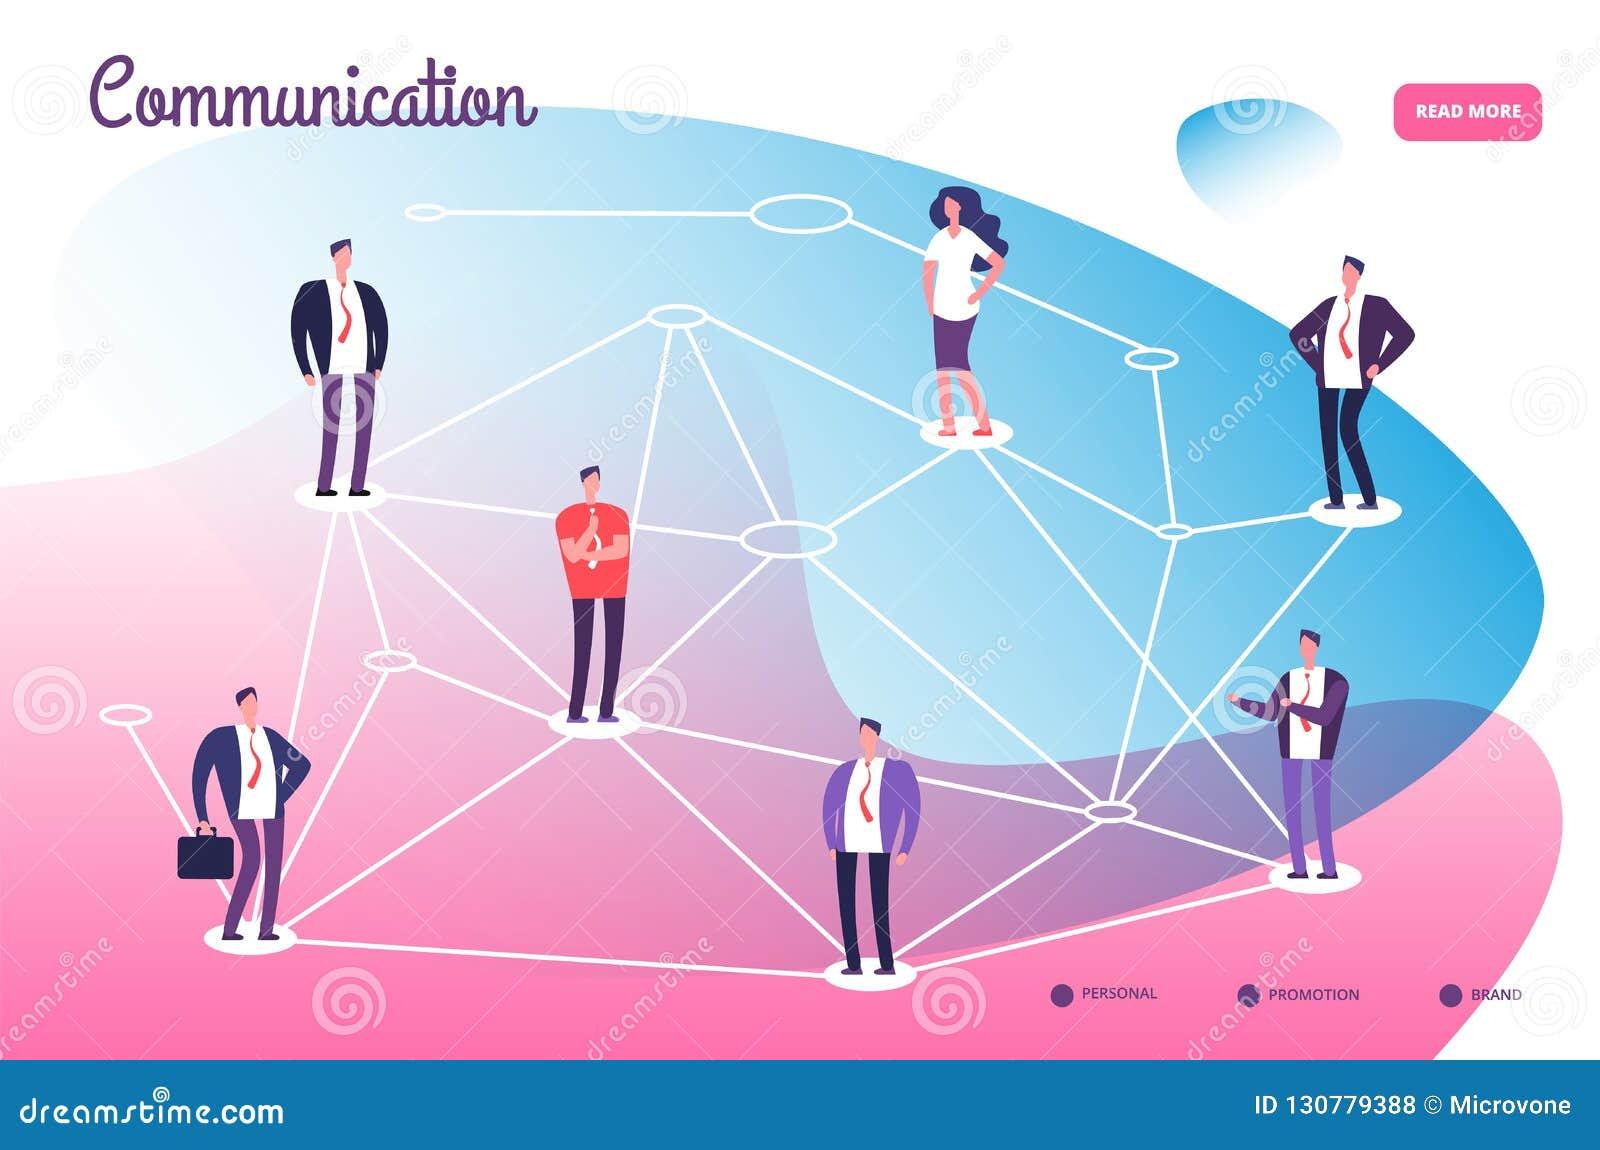 Δίκτυο που συνδέει τους επαγγελματίες Διάνυσμα τεχνολογίας σύνδεσης και δικτύωσης ομαδικής εργασίας παγκόσμιων επικοινωνιών